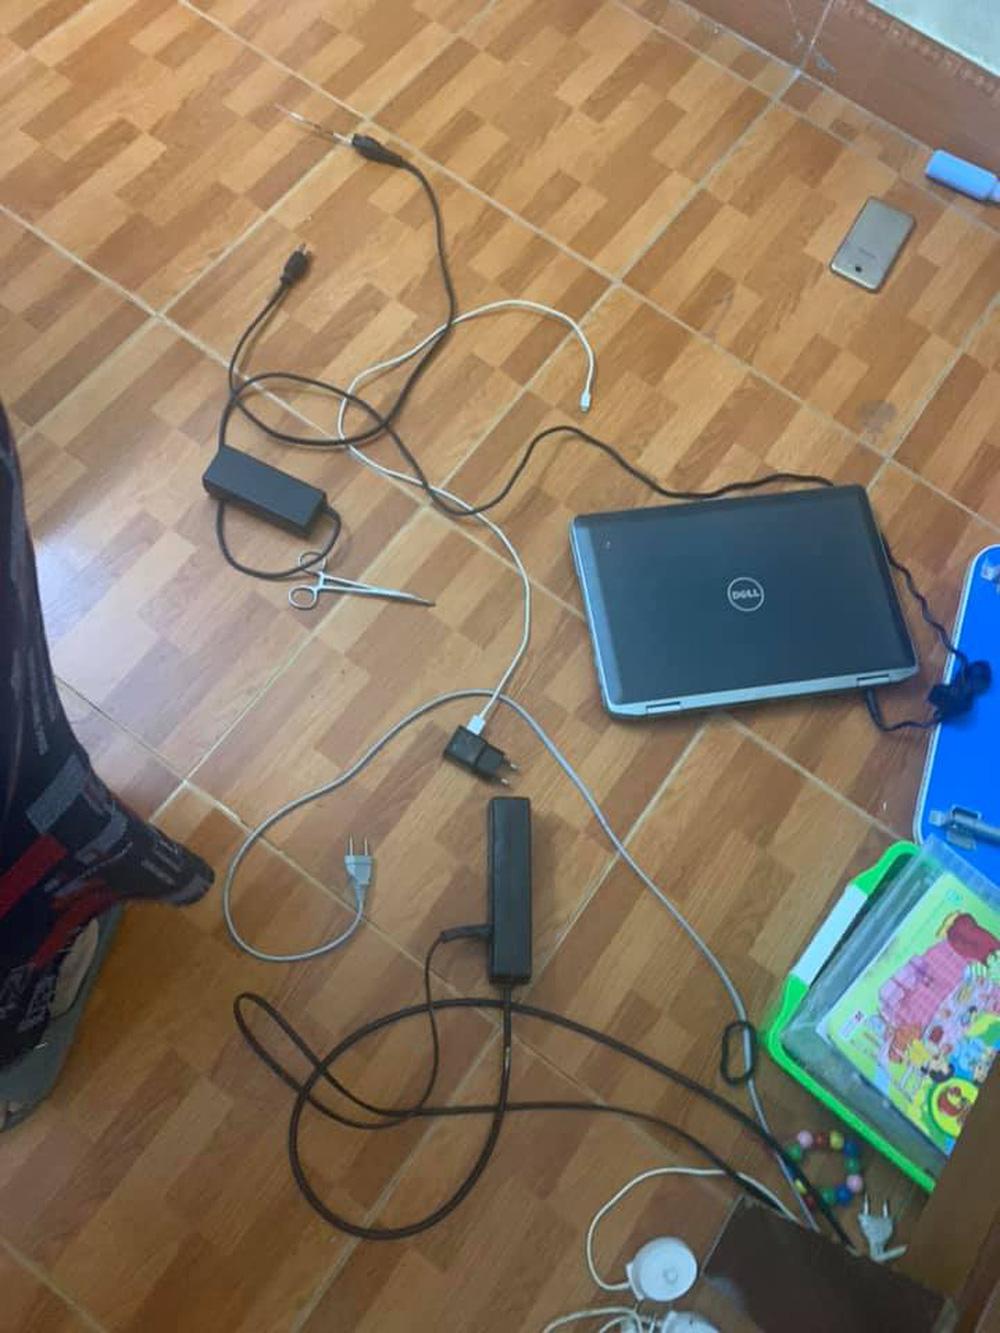 Xôn xao thông tin bé trai 10 tuổi ở Hà Nội bị điện giật tử vong khi học online - Ảnh 2.